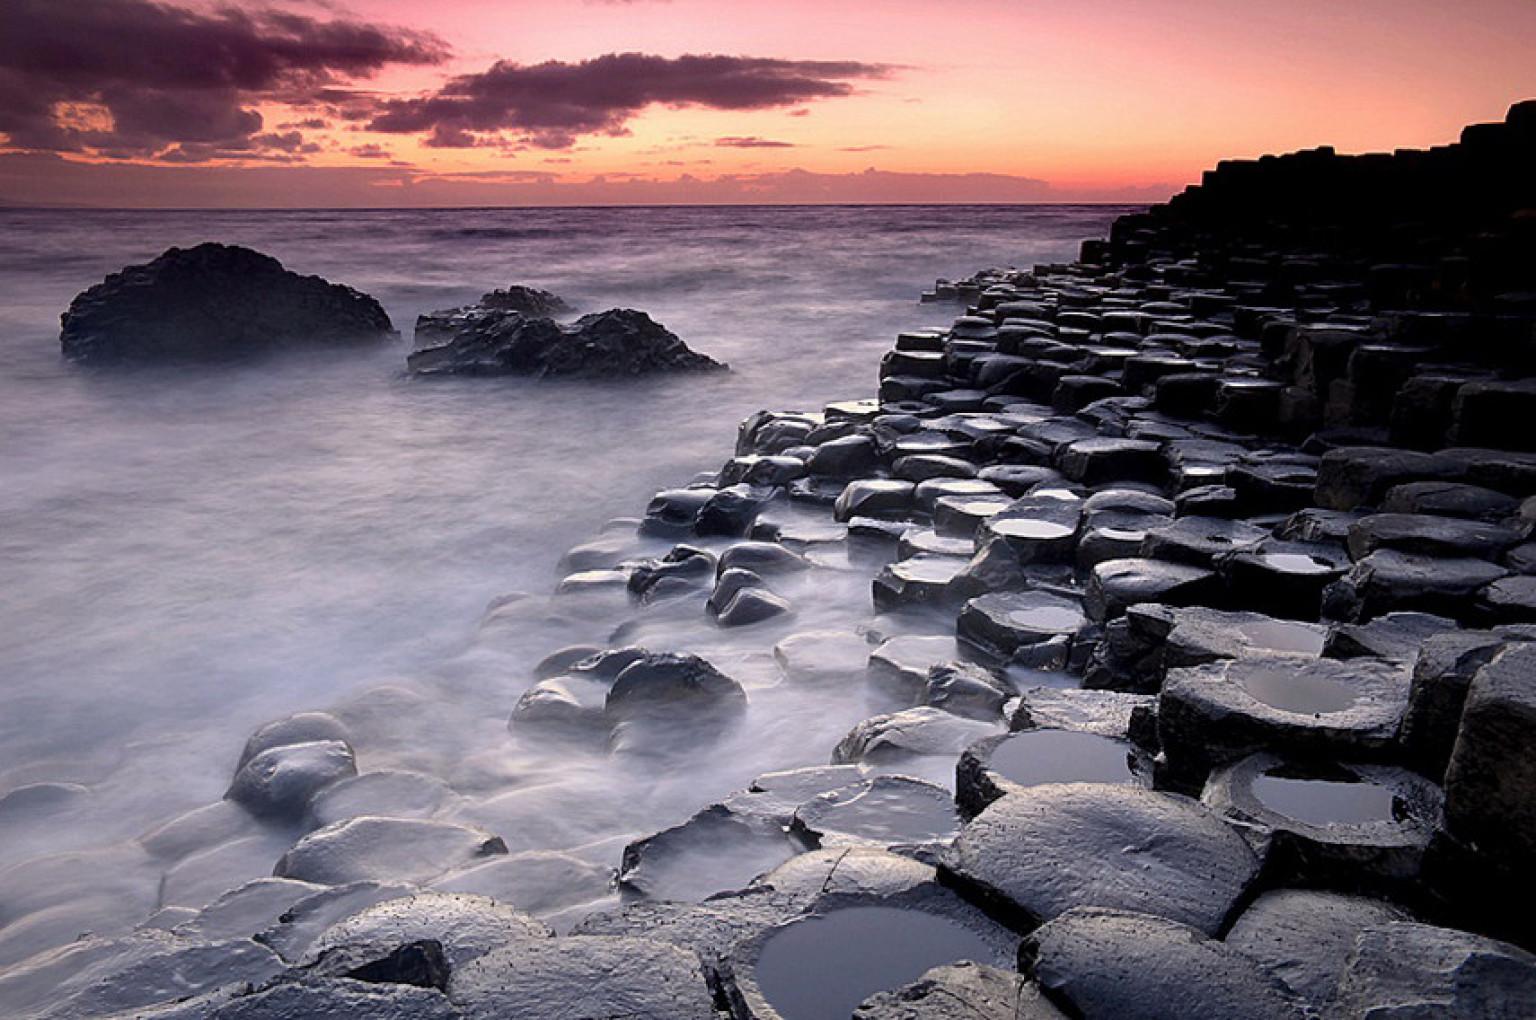 I 17 paesaggi pi belli dal mondo incredibili e reali foto for Foto spettacolari per desktop